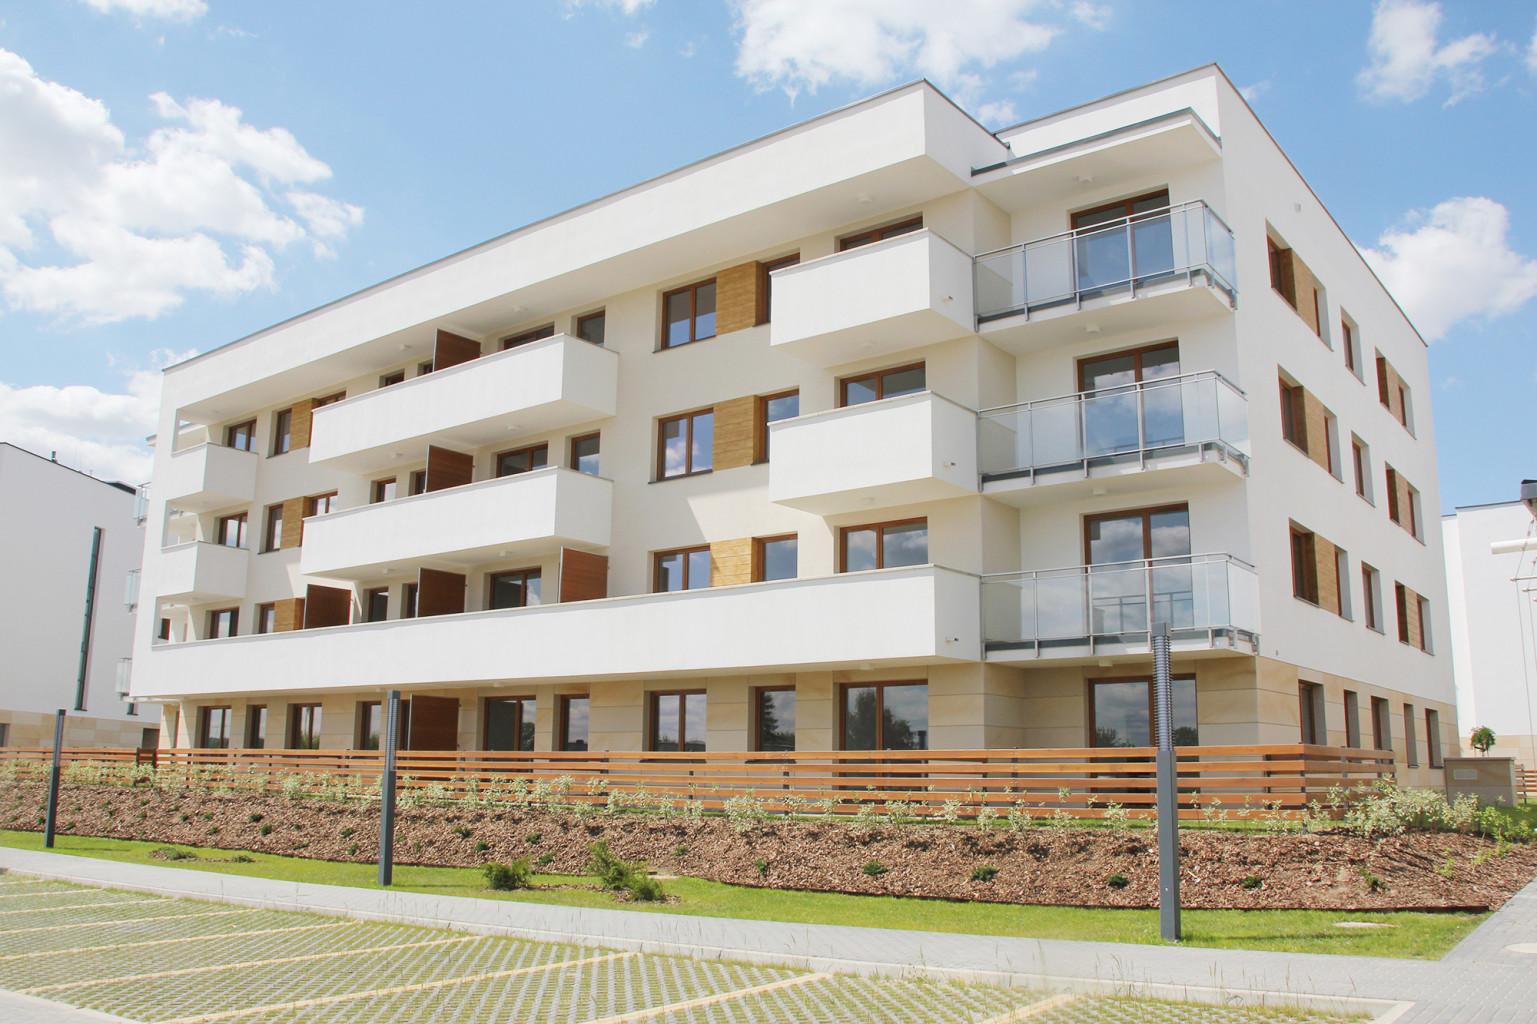 projekt osiedla mieszkaniowego 1